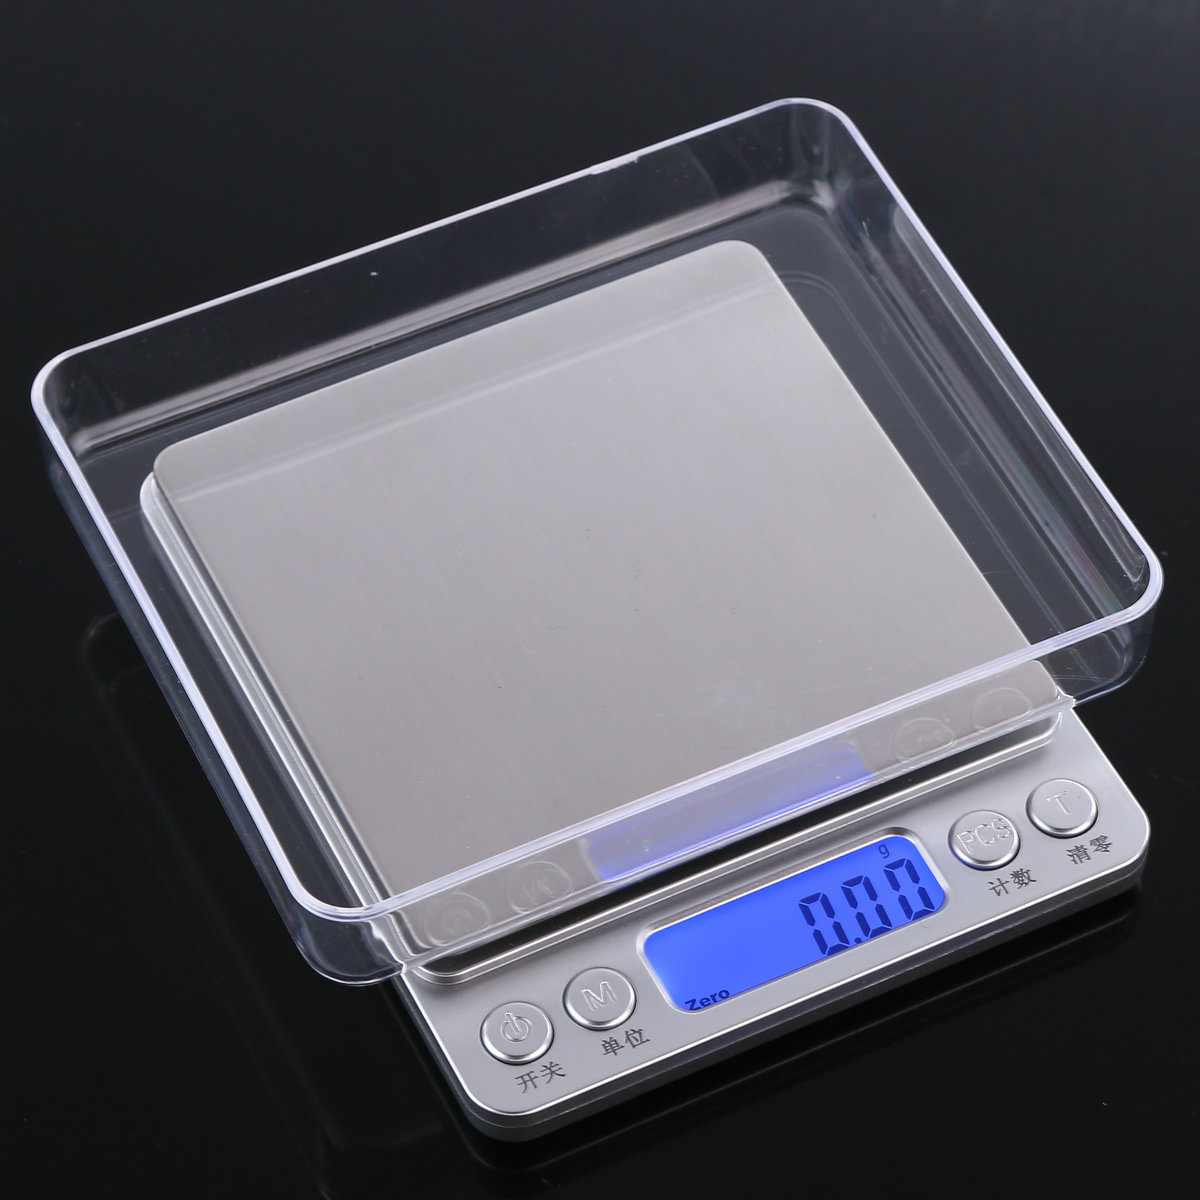 精准迷你珠宝秤家用电子称0.01g厨房秤克称食物称重烘焙0.1g天平